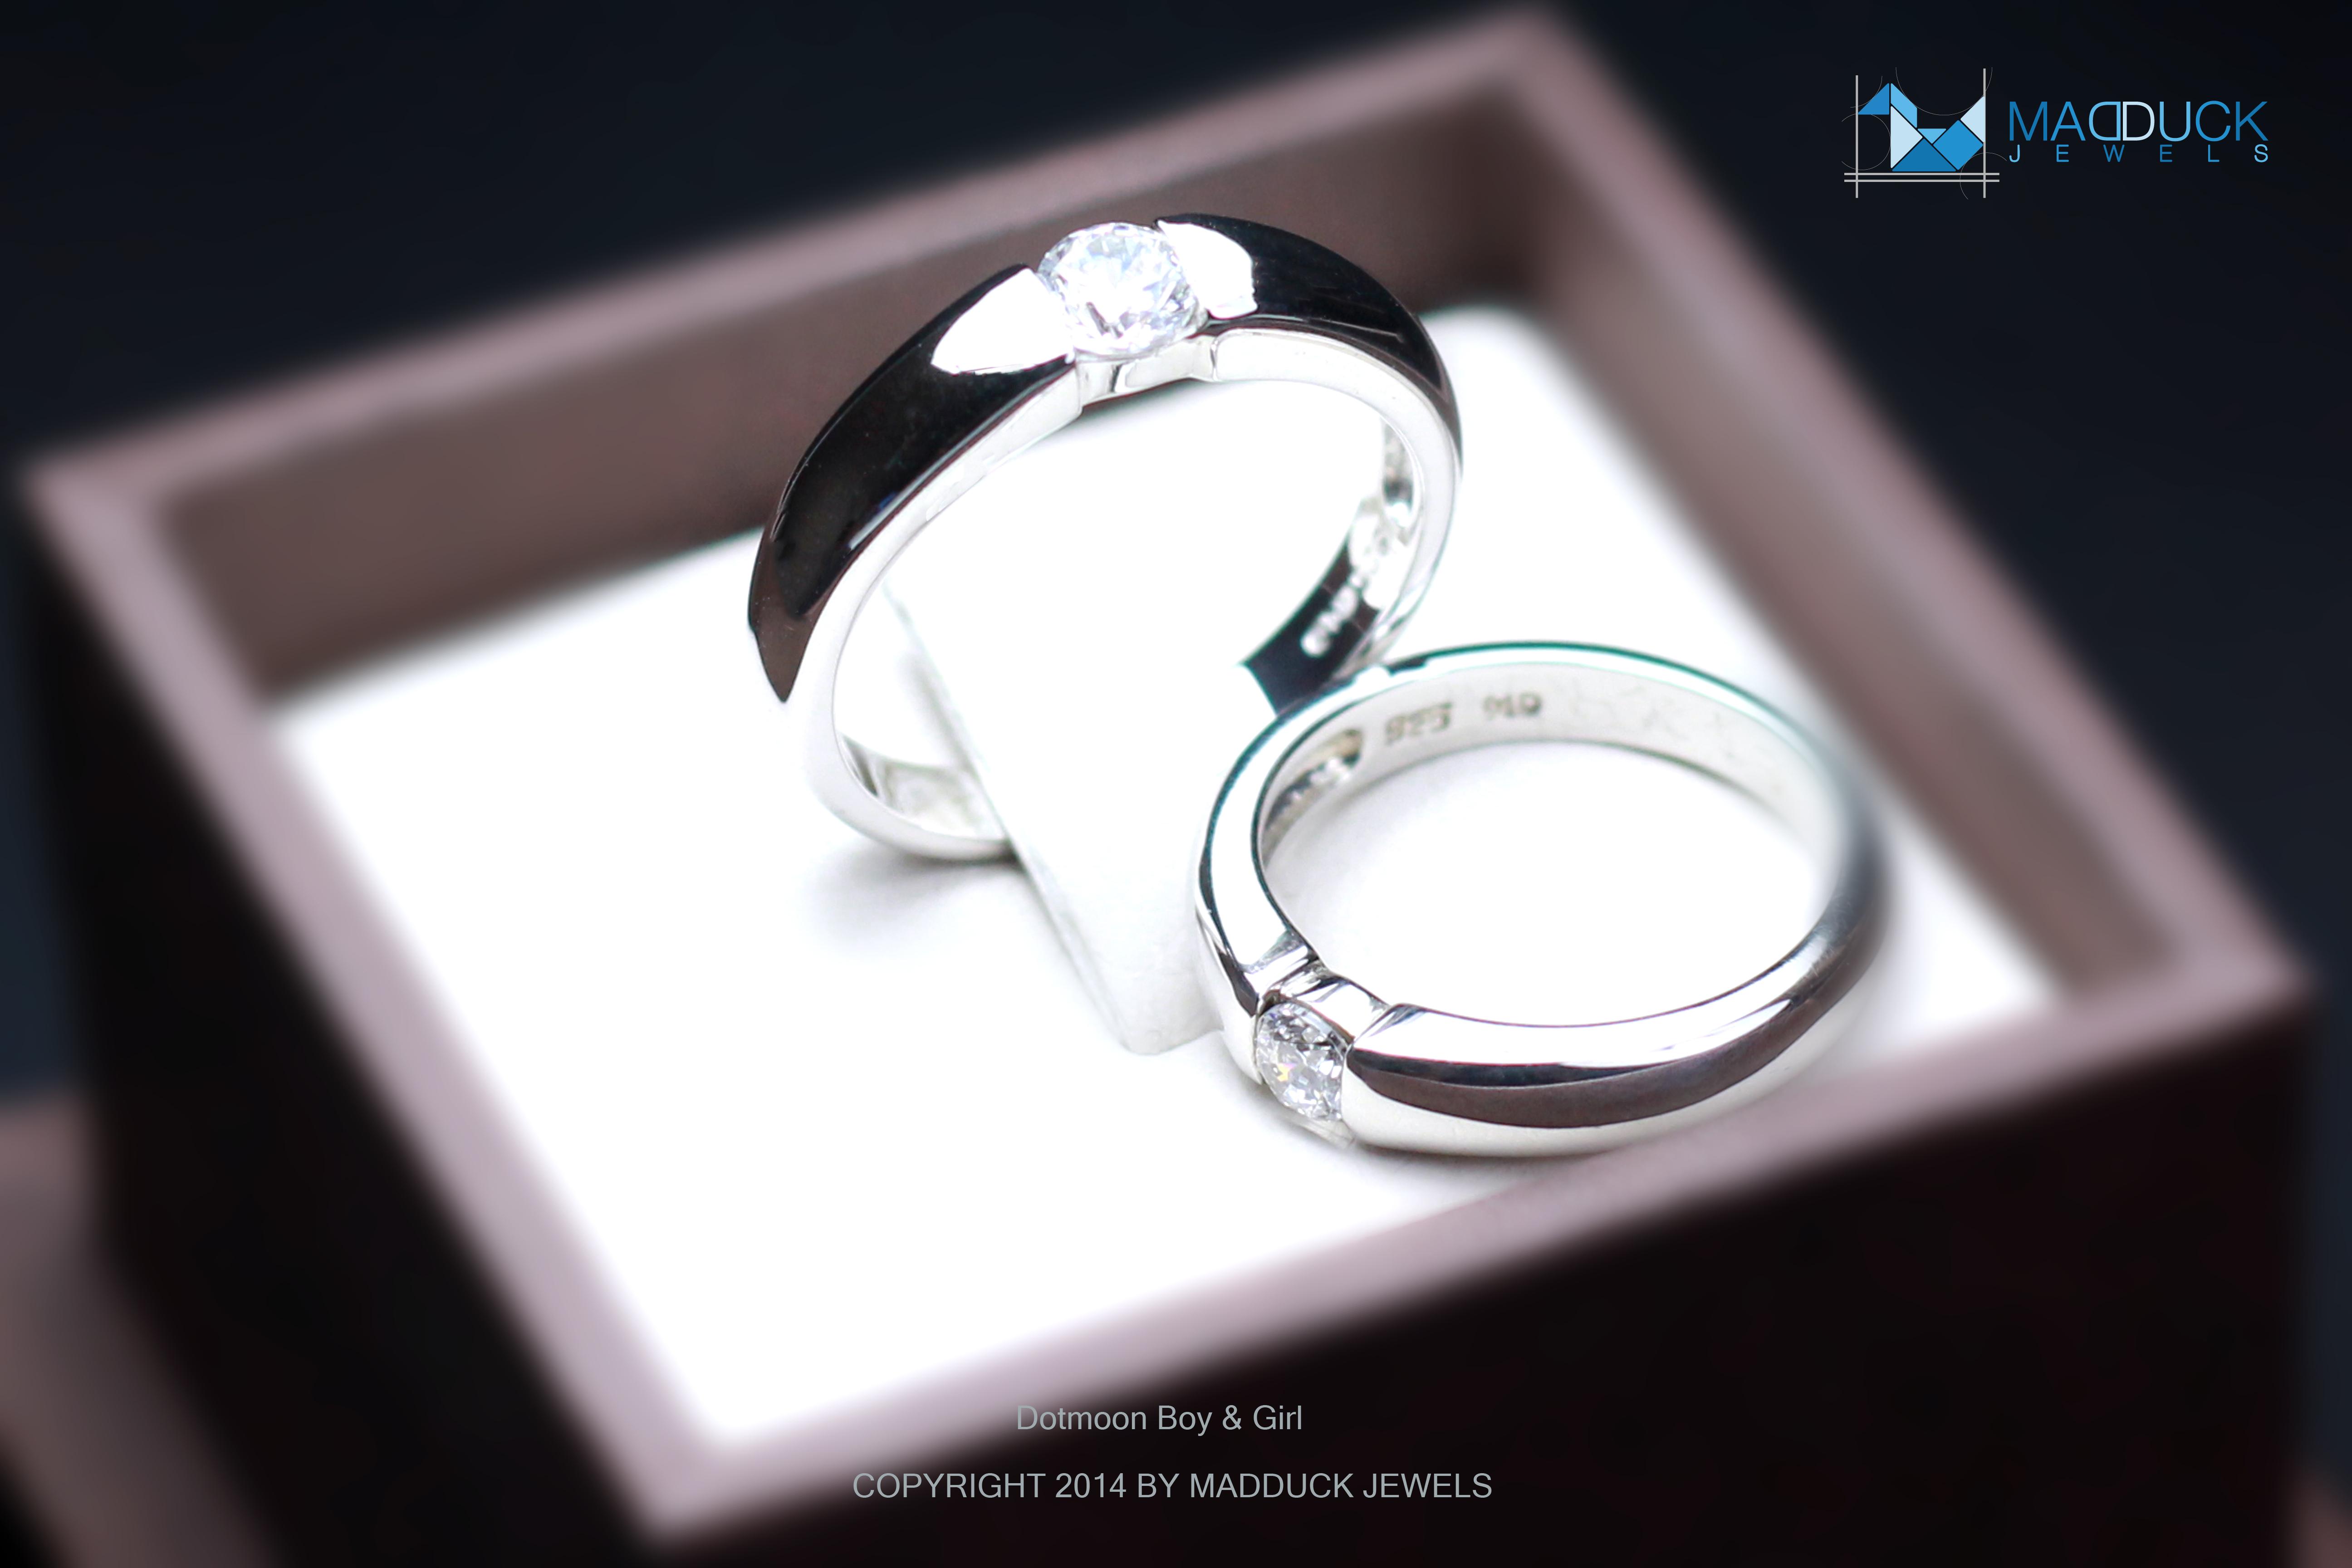 แหวนคู่รักเงินแท้ เพชรสังเคราะห์ ชุบทองคำขาว รุ่น LV14781423 Dot Moon B&G